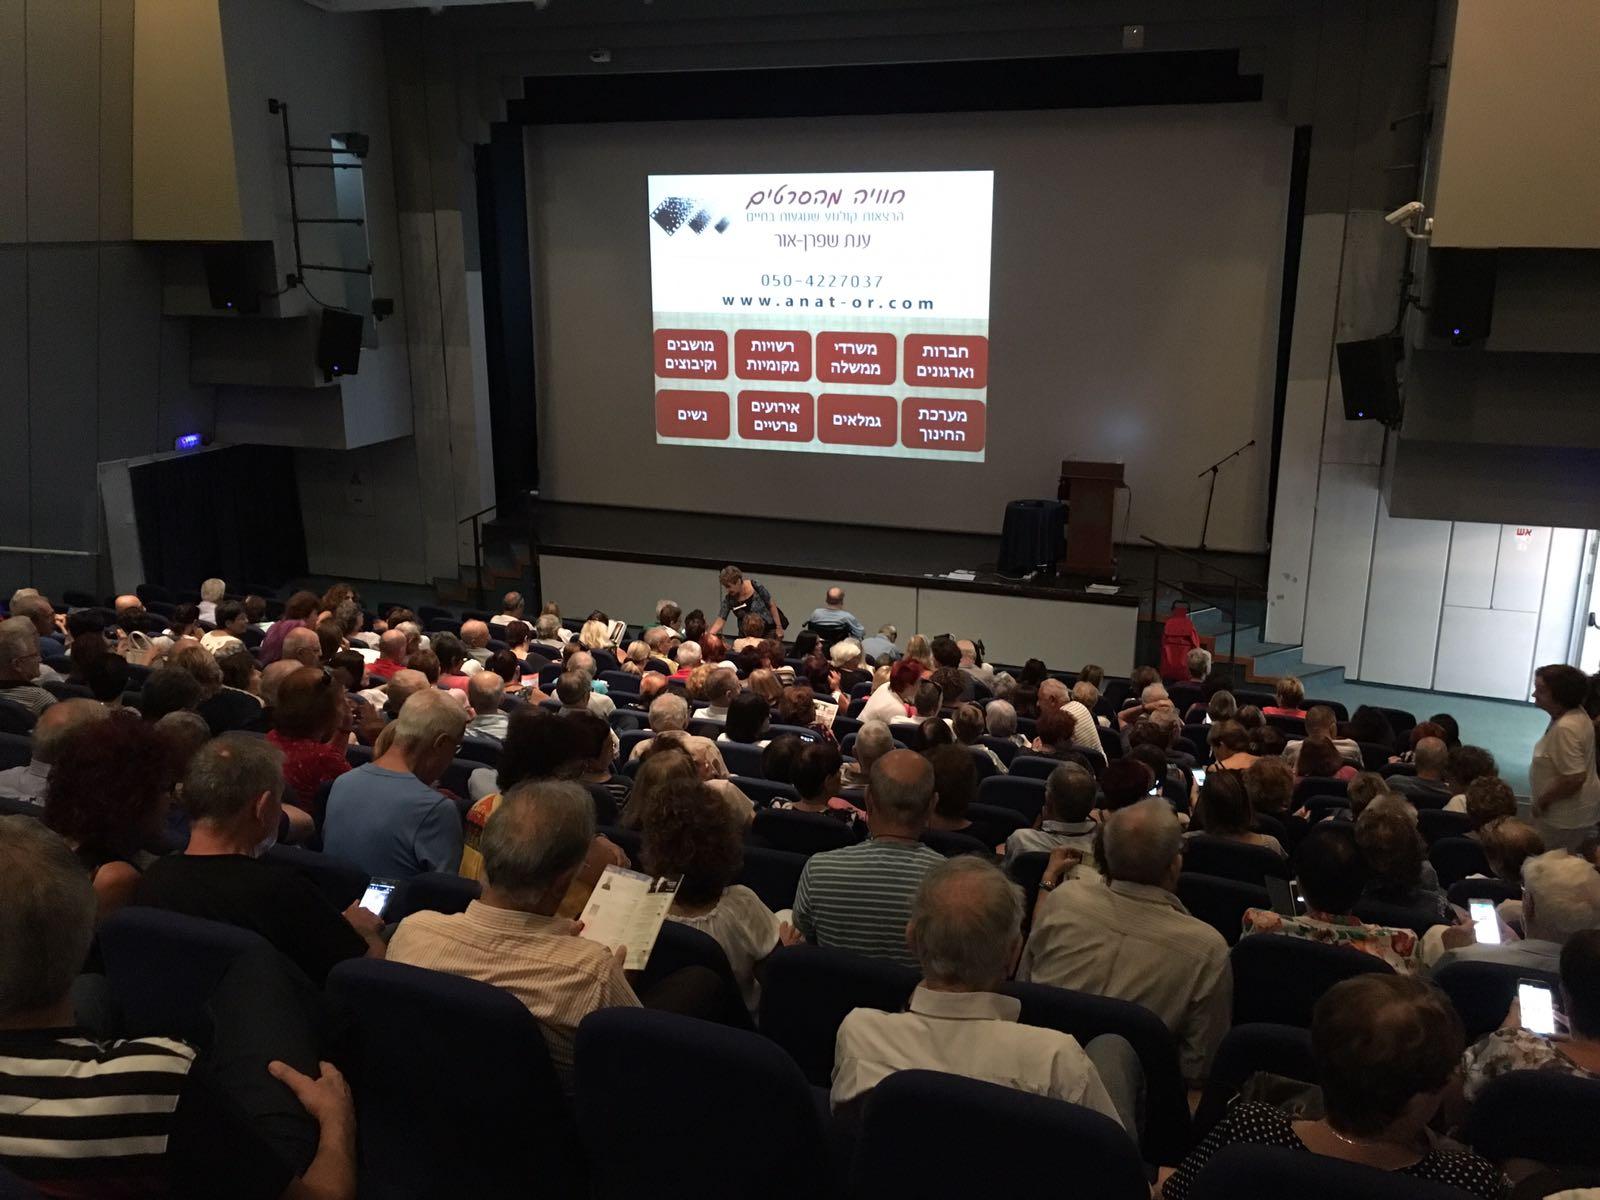 קהל בהרצאה ביד לבנים רעננה